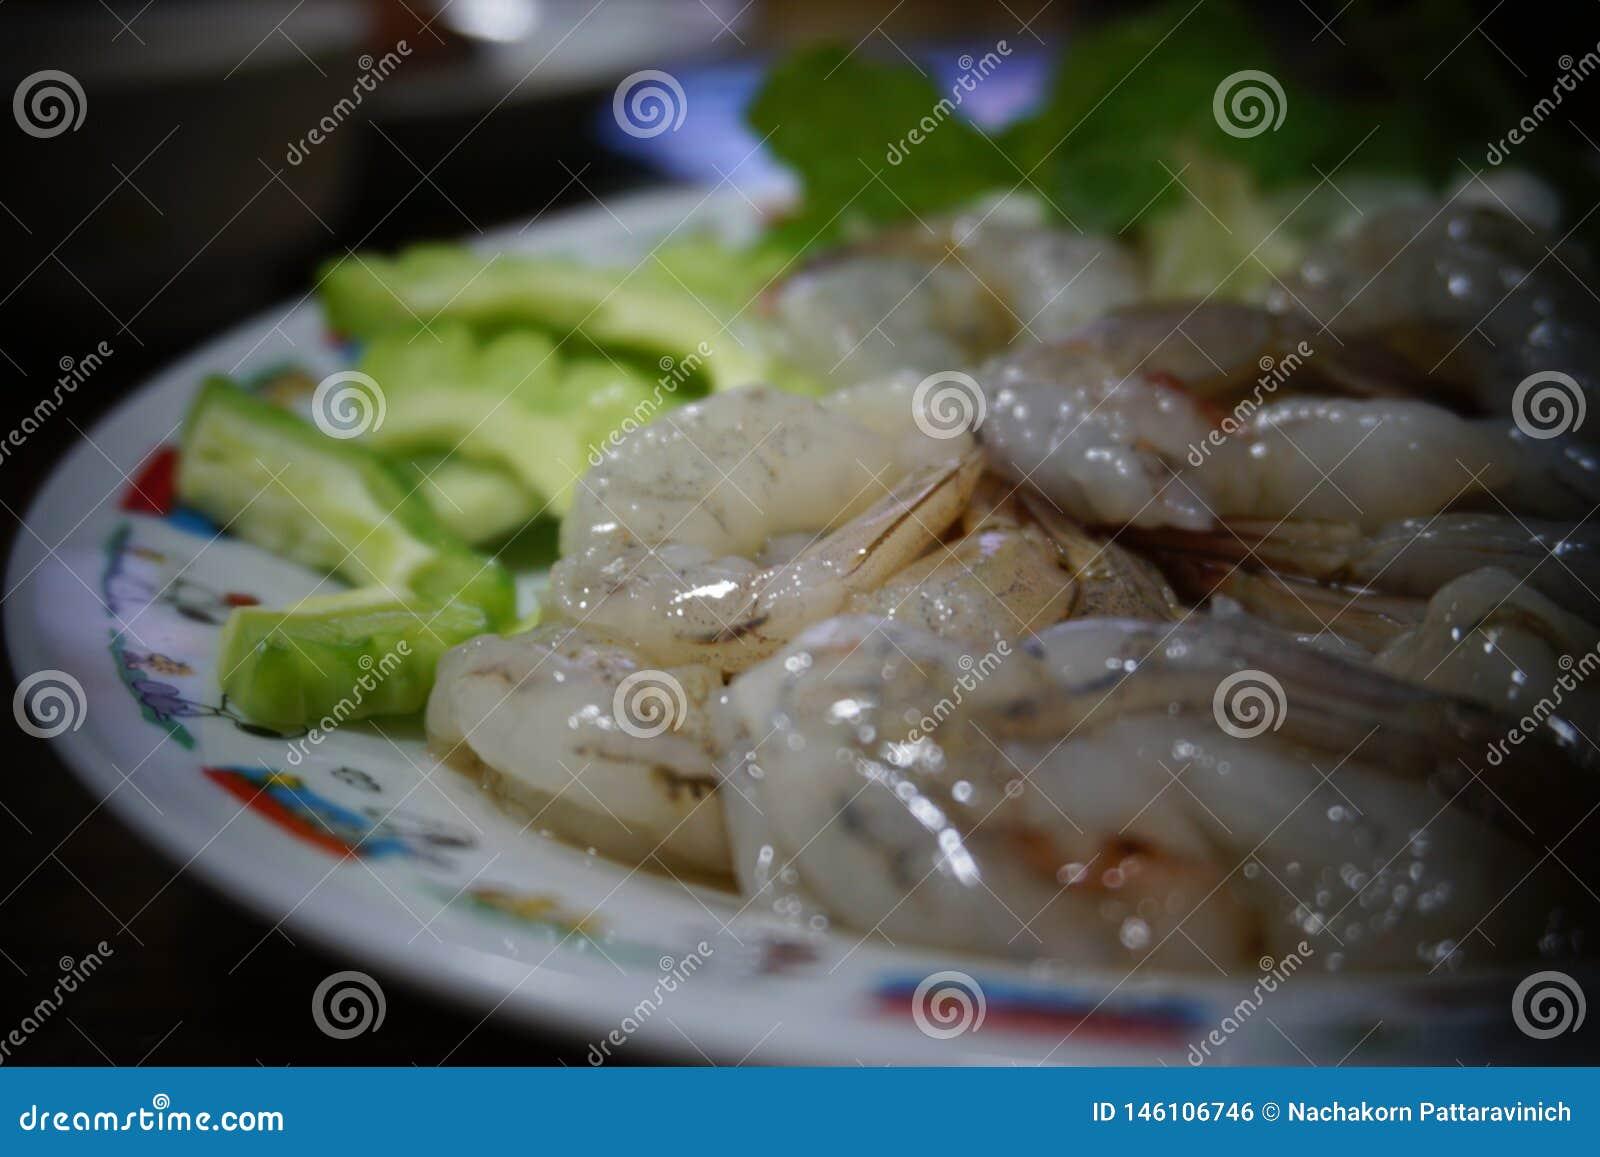 虾浸泡调味汁鱼